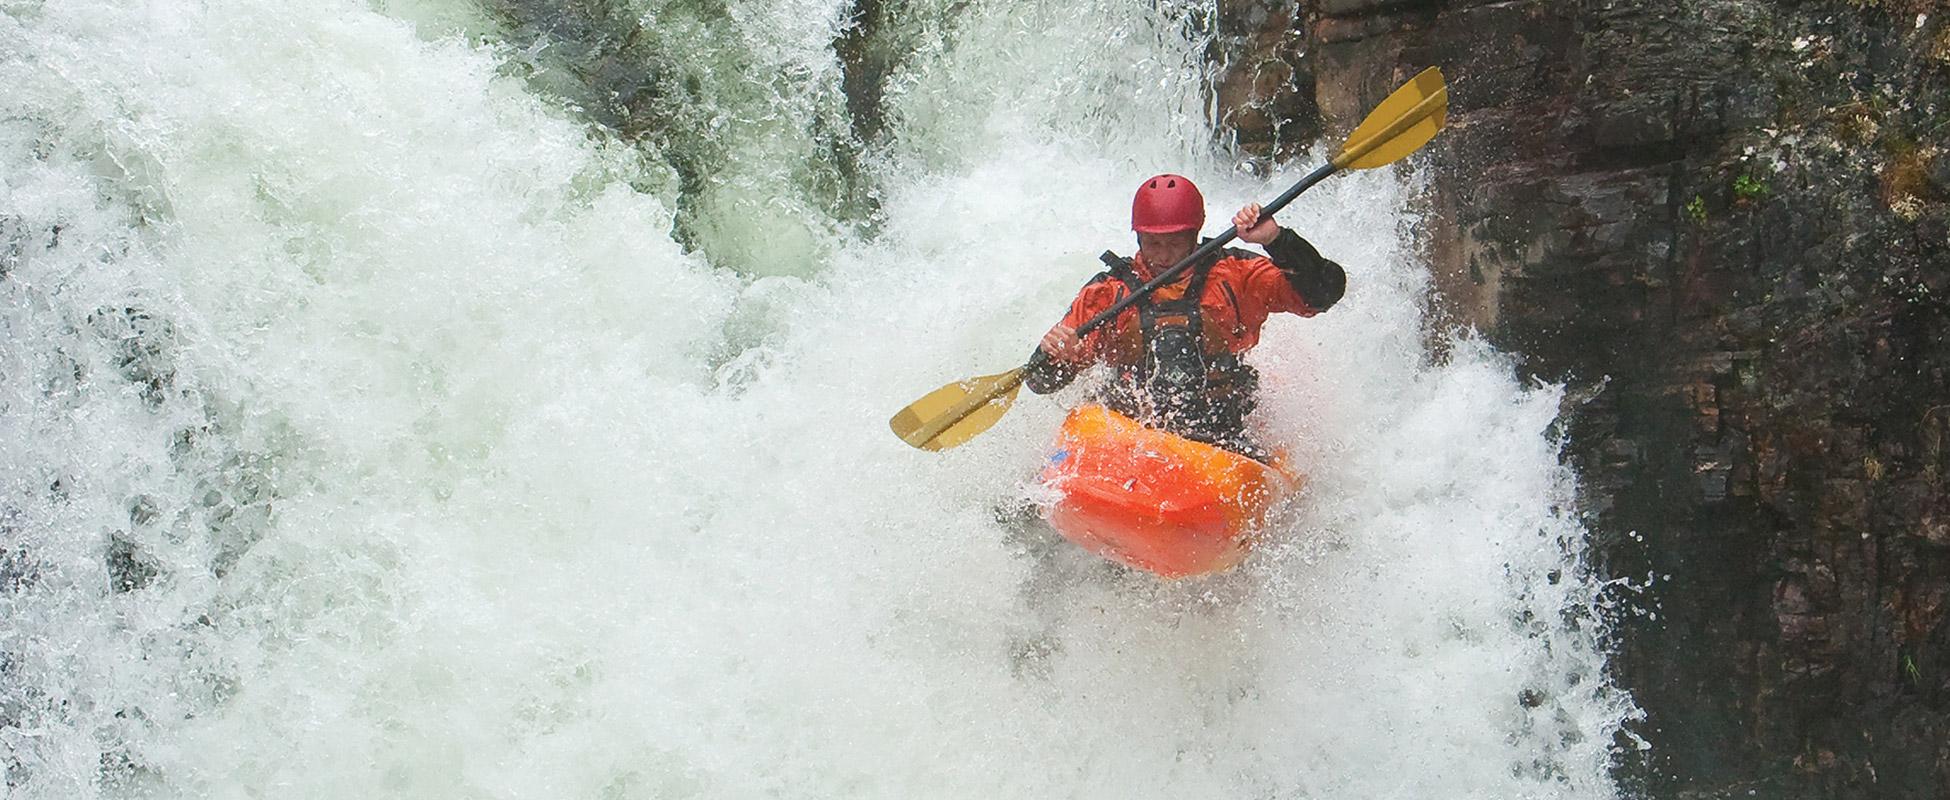 A kayaker navigates rapids.